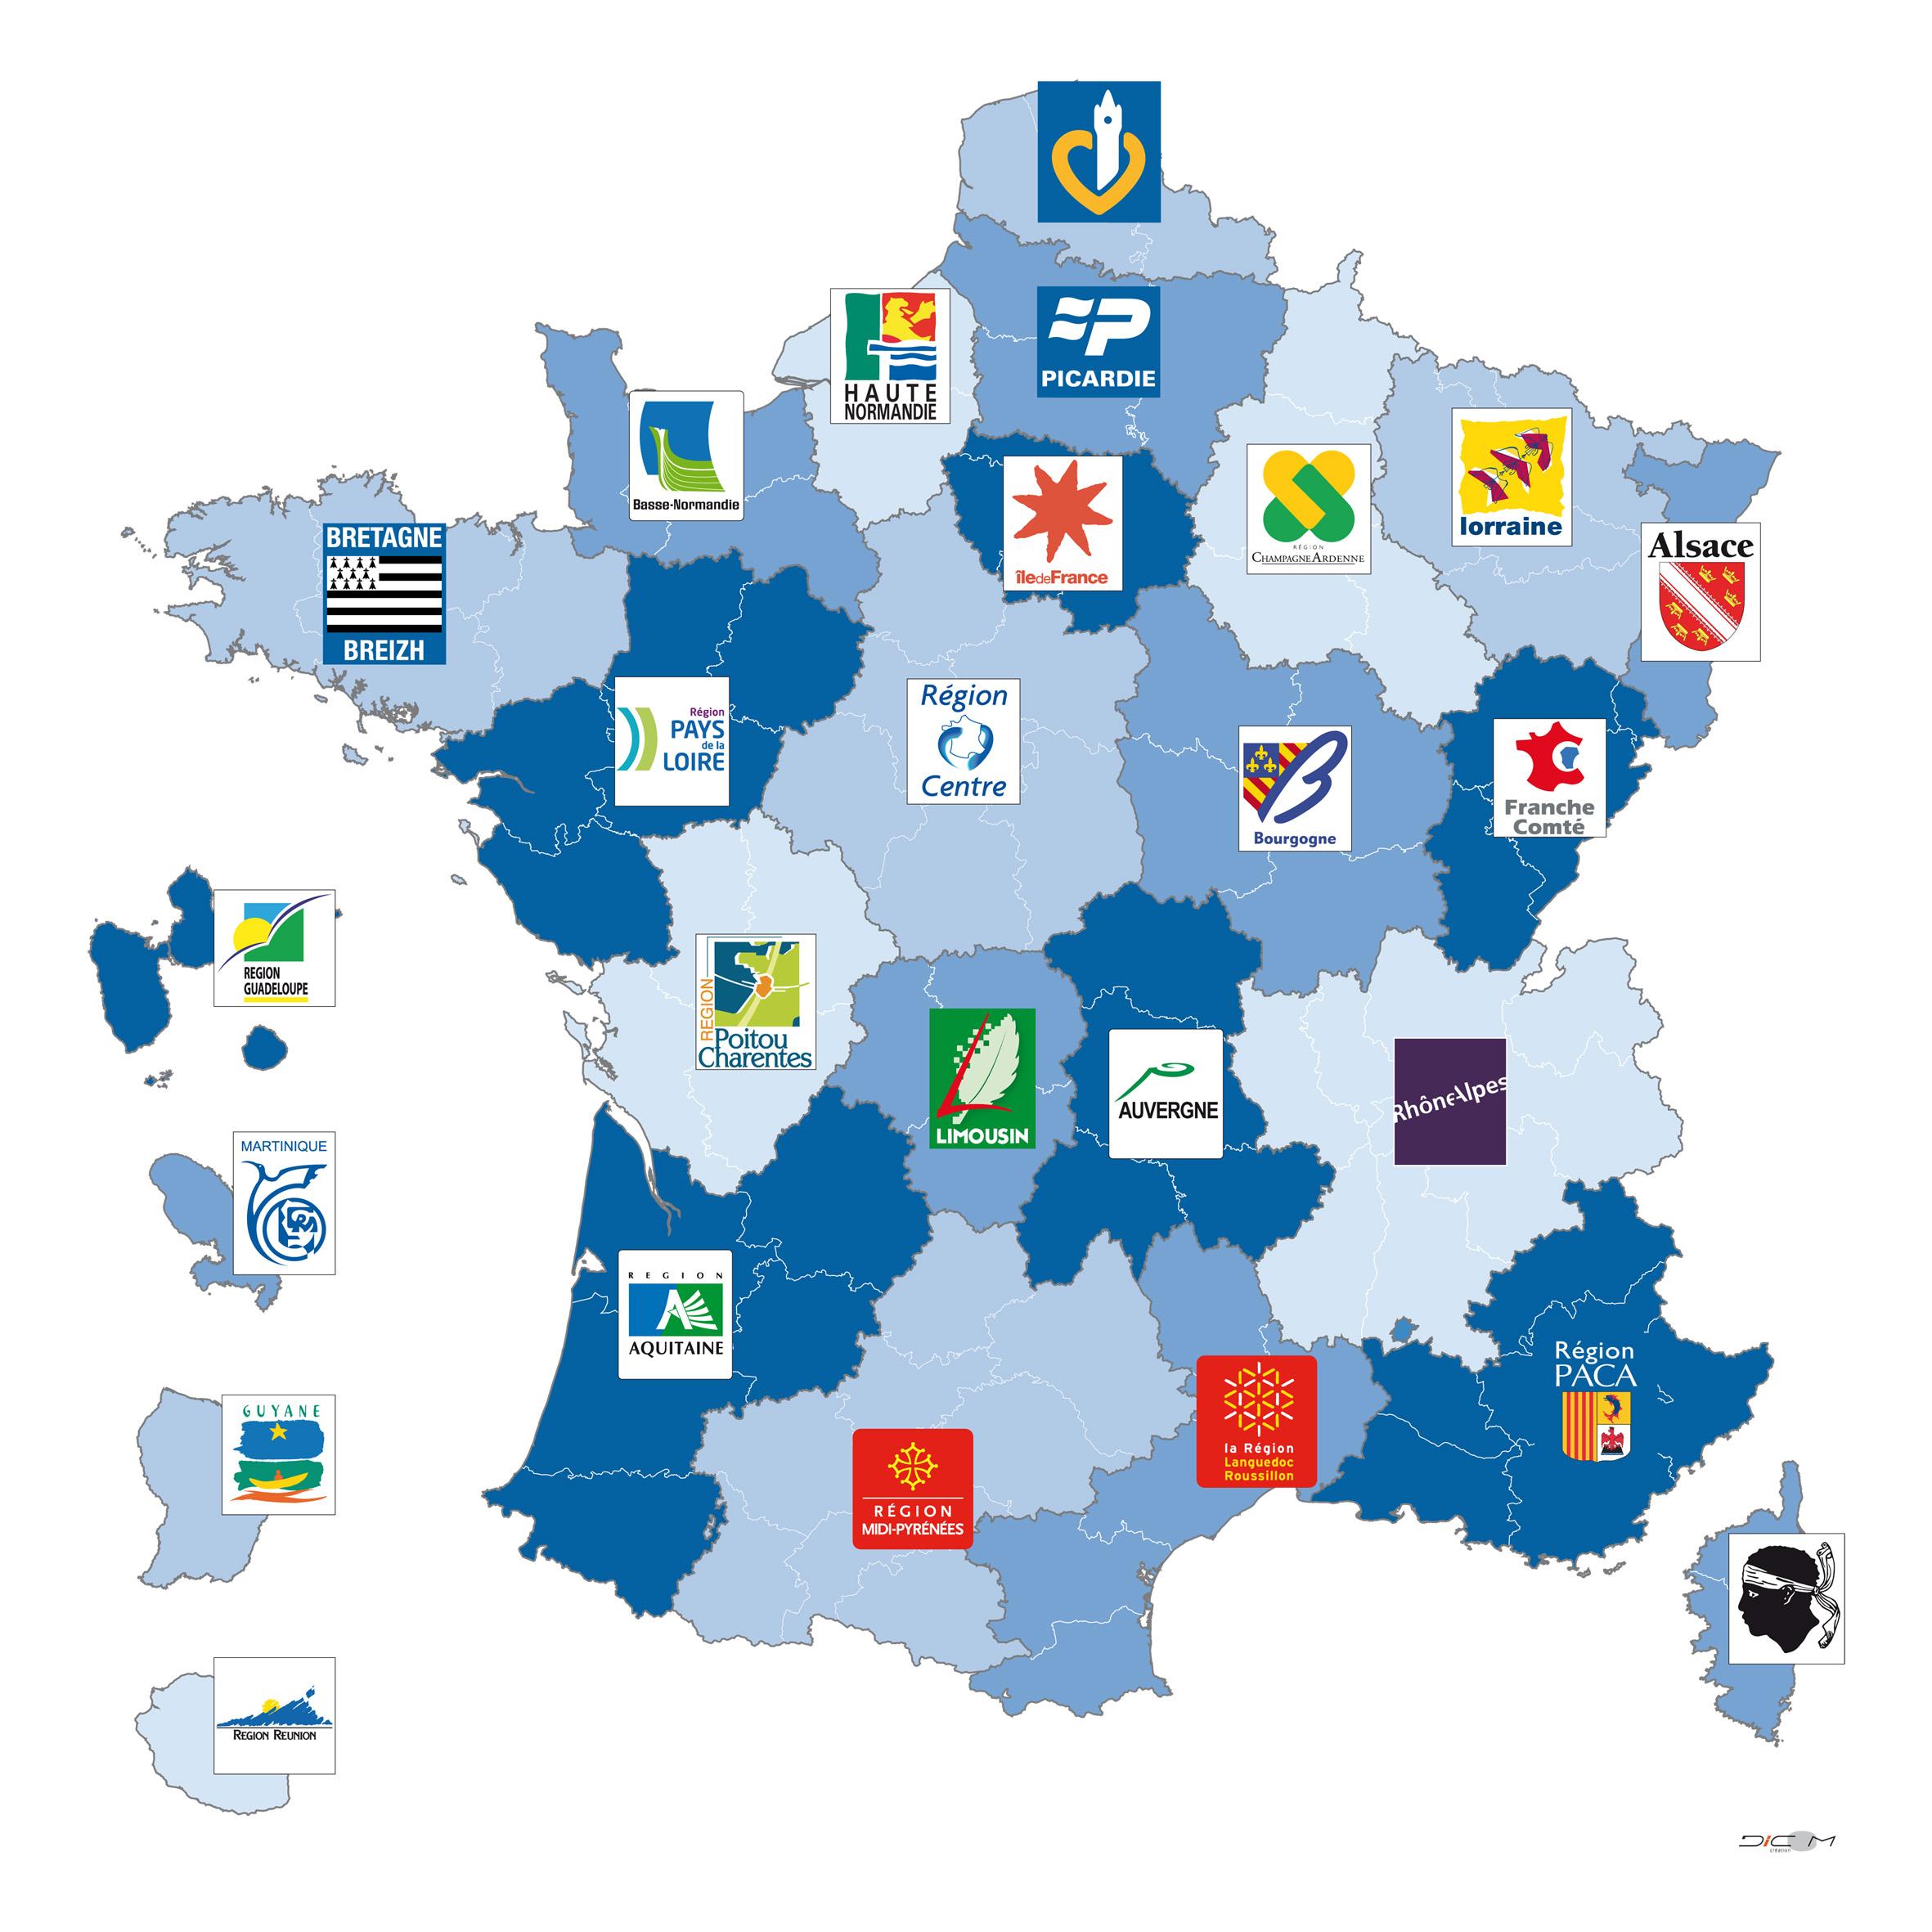 Nouvelles Plaques D'immatriculation Pour Les Automobiles serapportantà Les Nouvelles Régions De France Et Leurs Départements